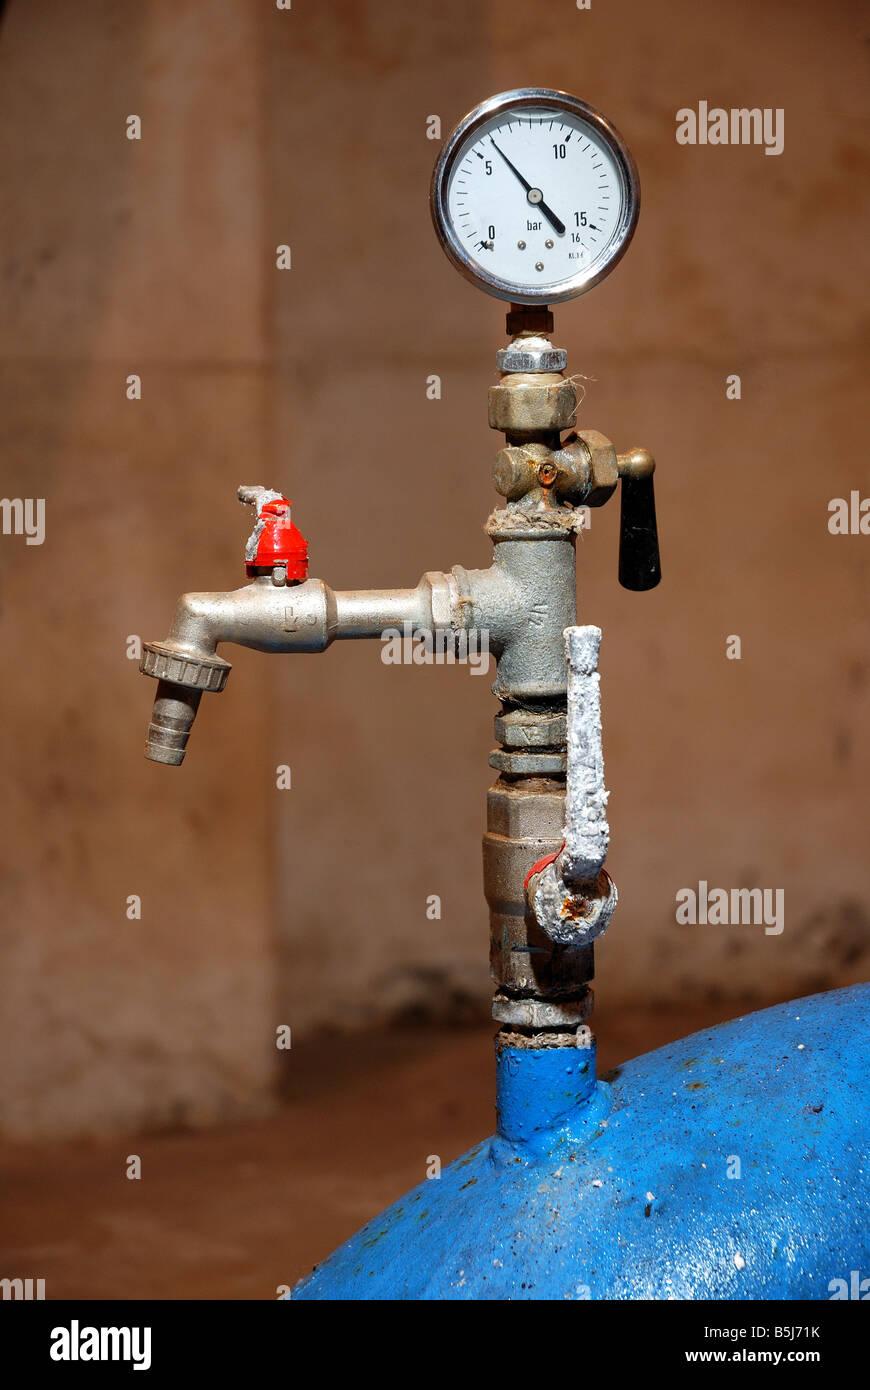 Water Pressure Meter in Waterhouse Klece - Kleče. - Stock Image